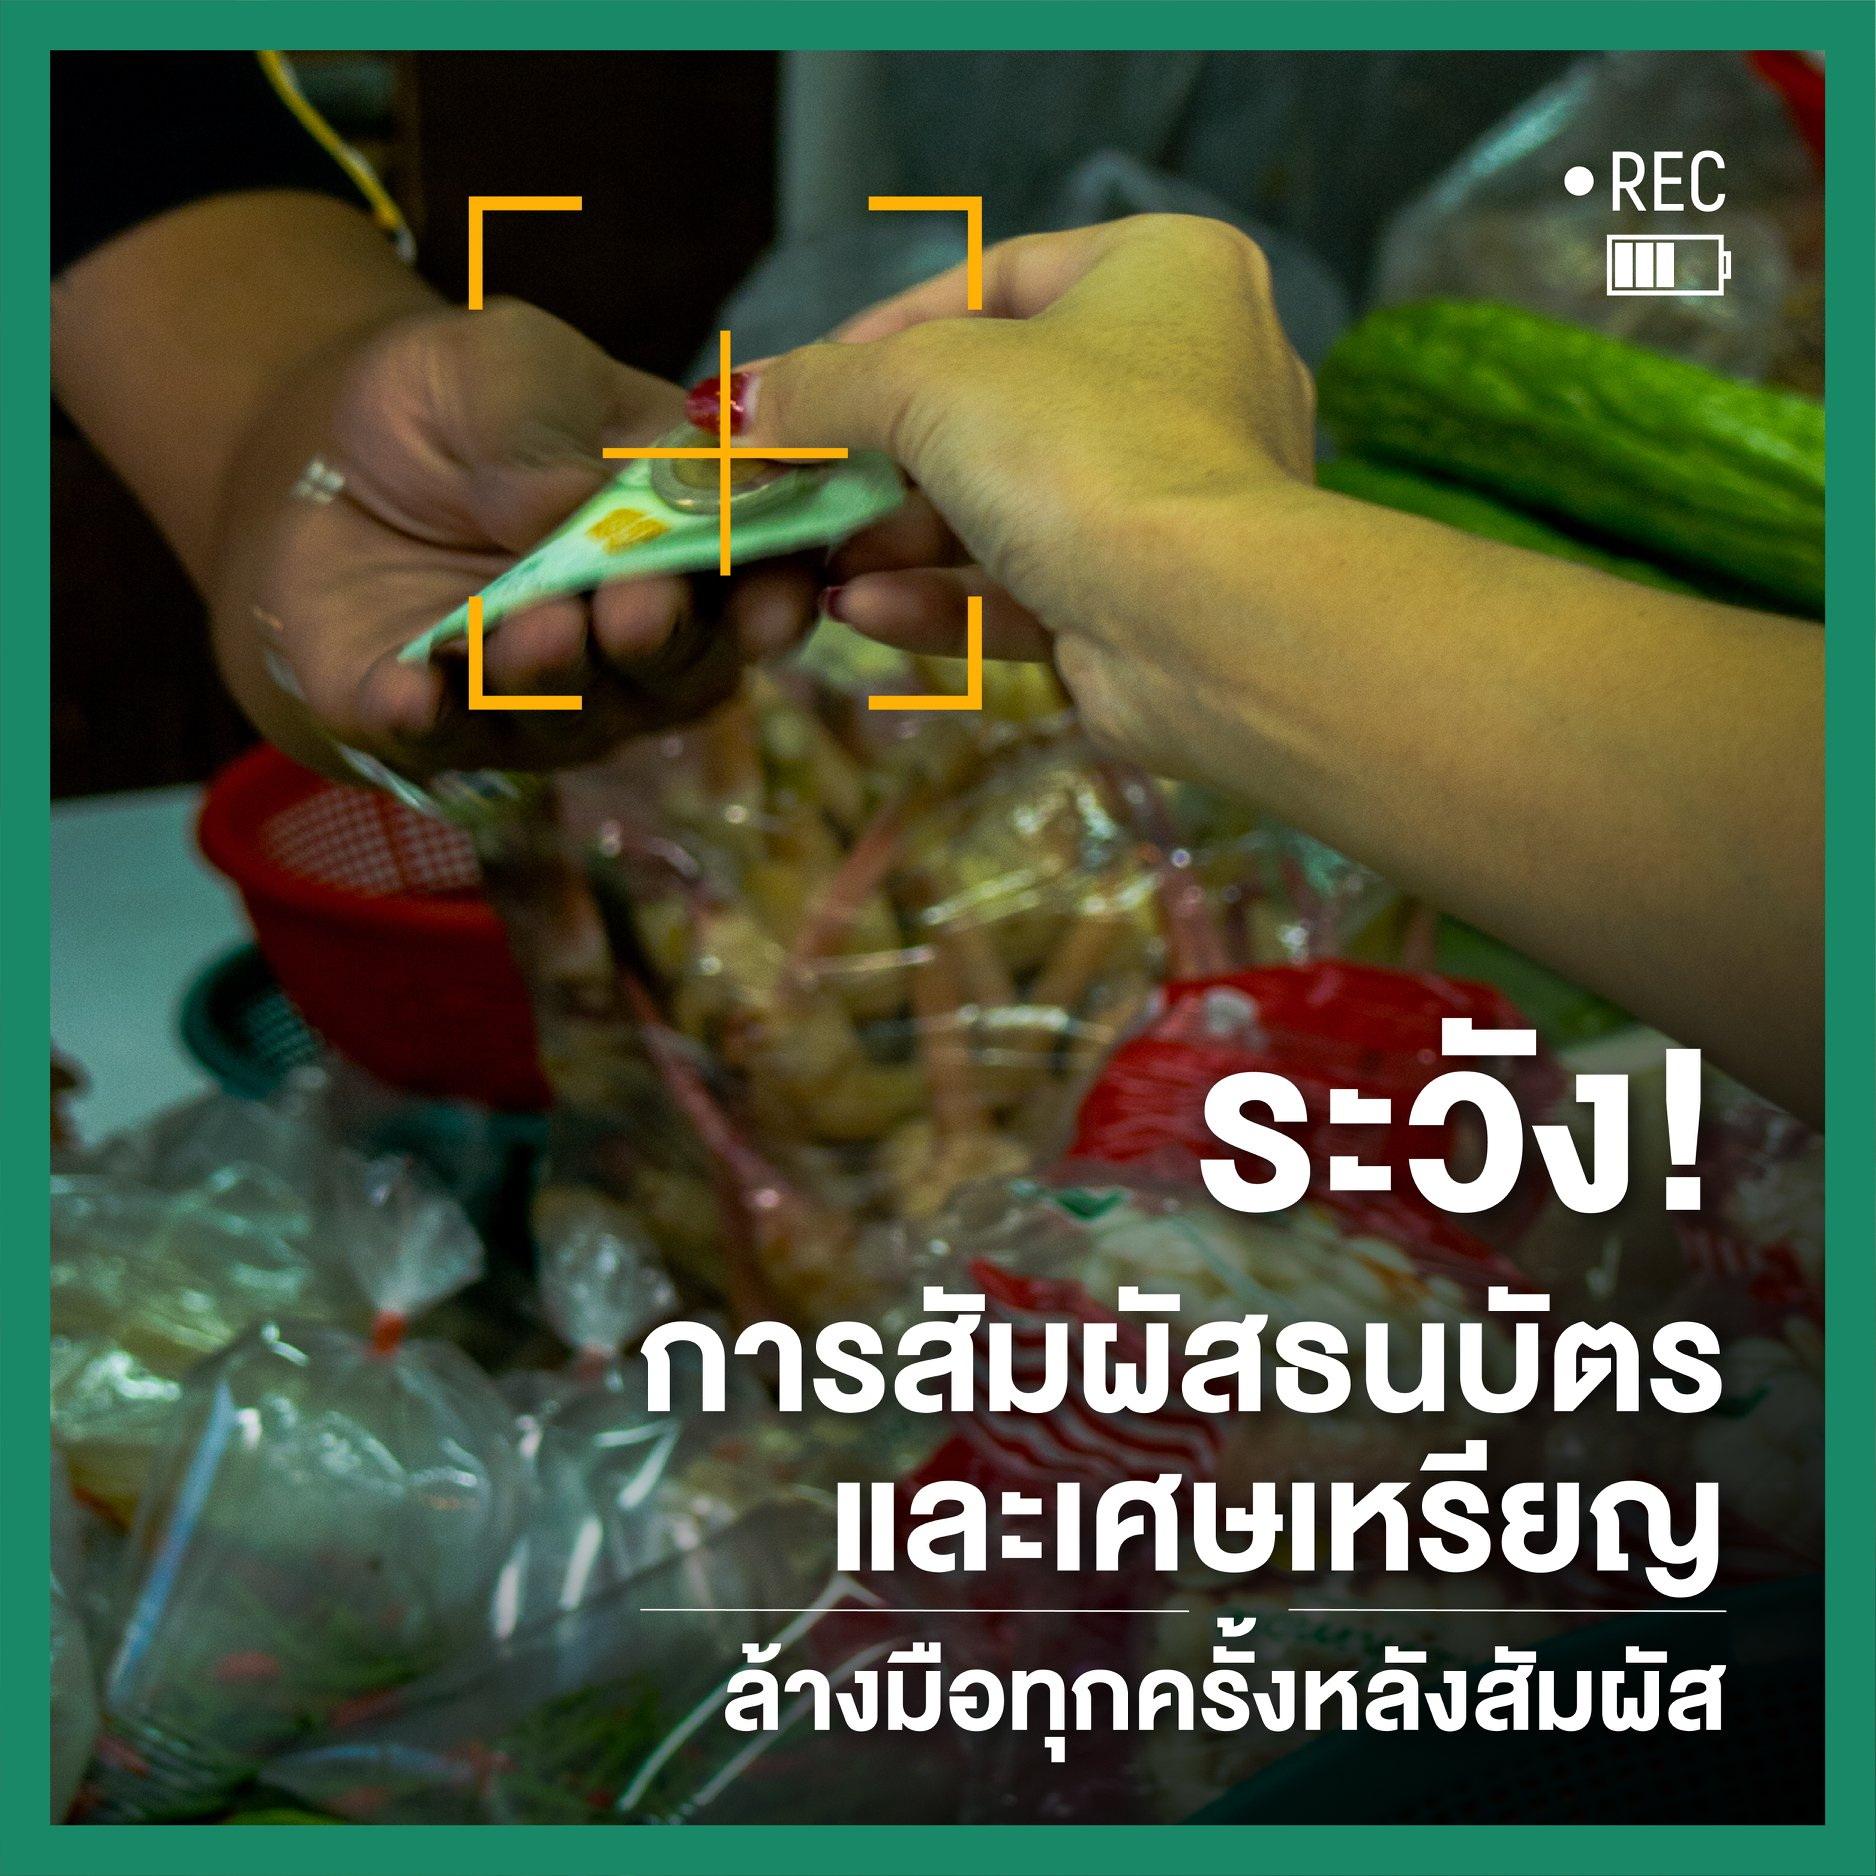 ในตลาดคุณเสี่ยงรับเชื้อ (โควิด)จากอะไรได้บ้าง thaihealth